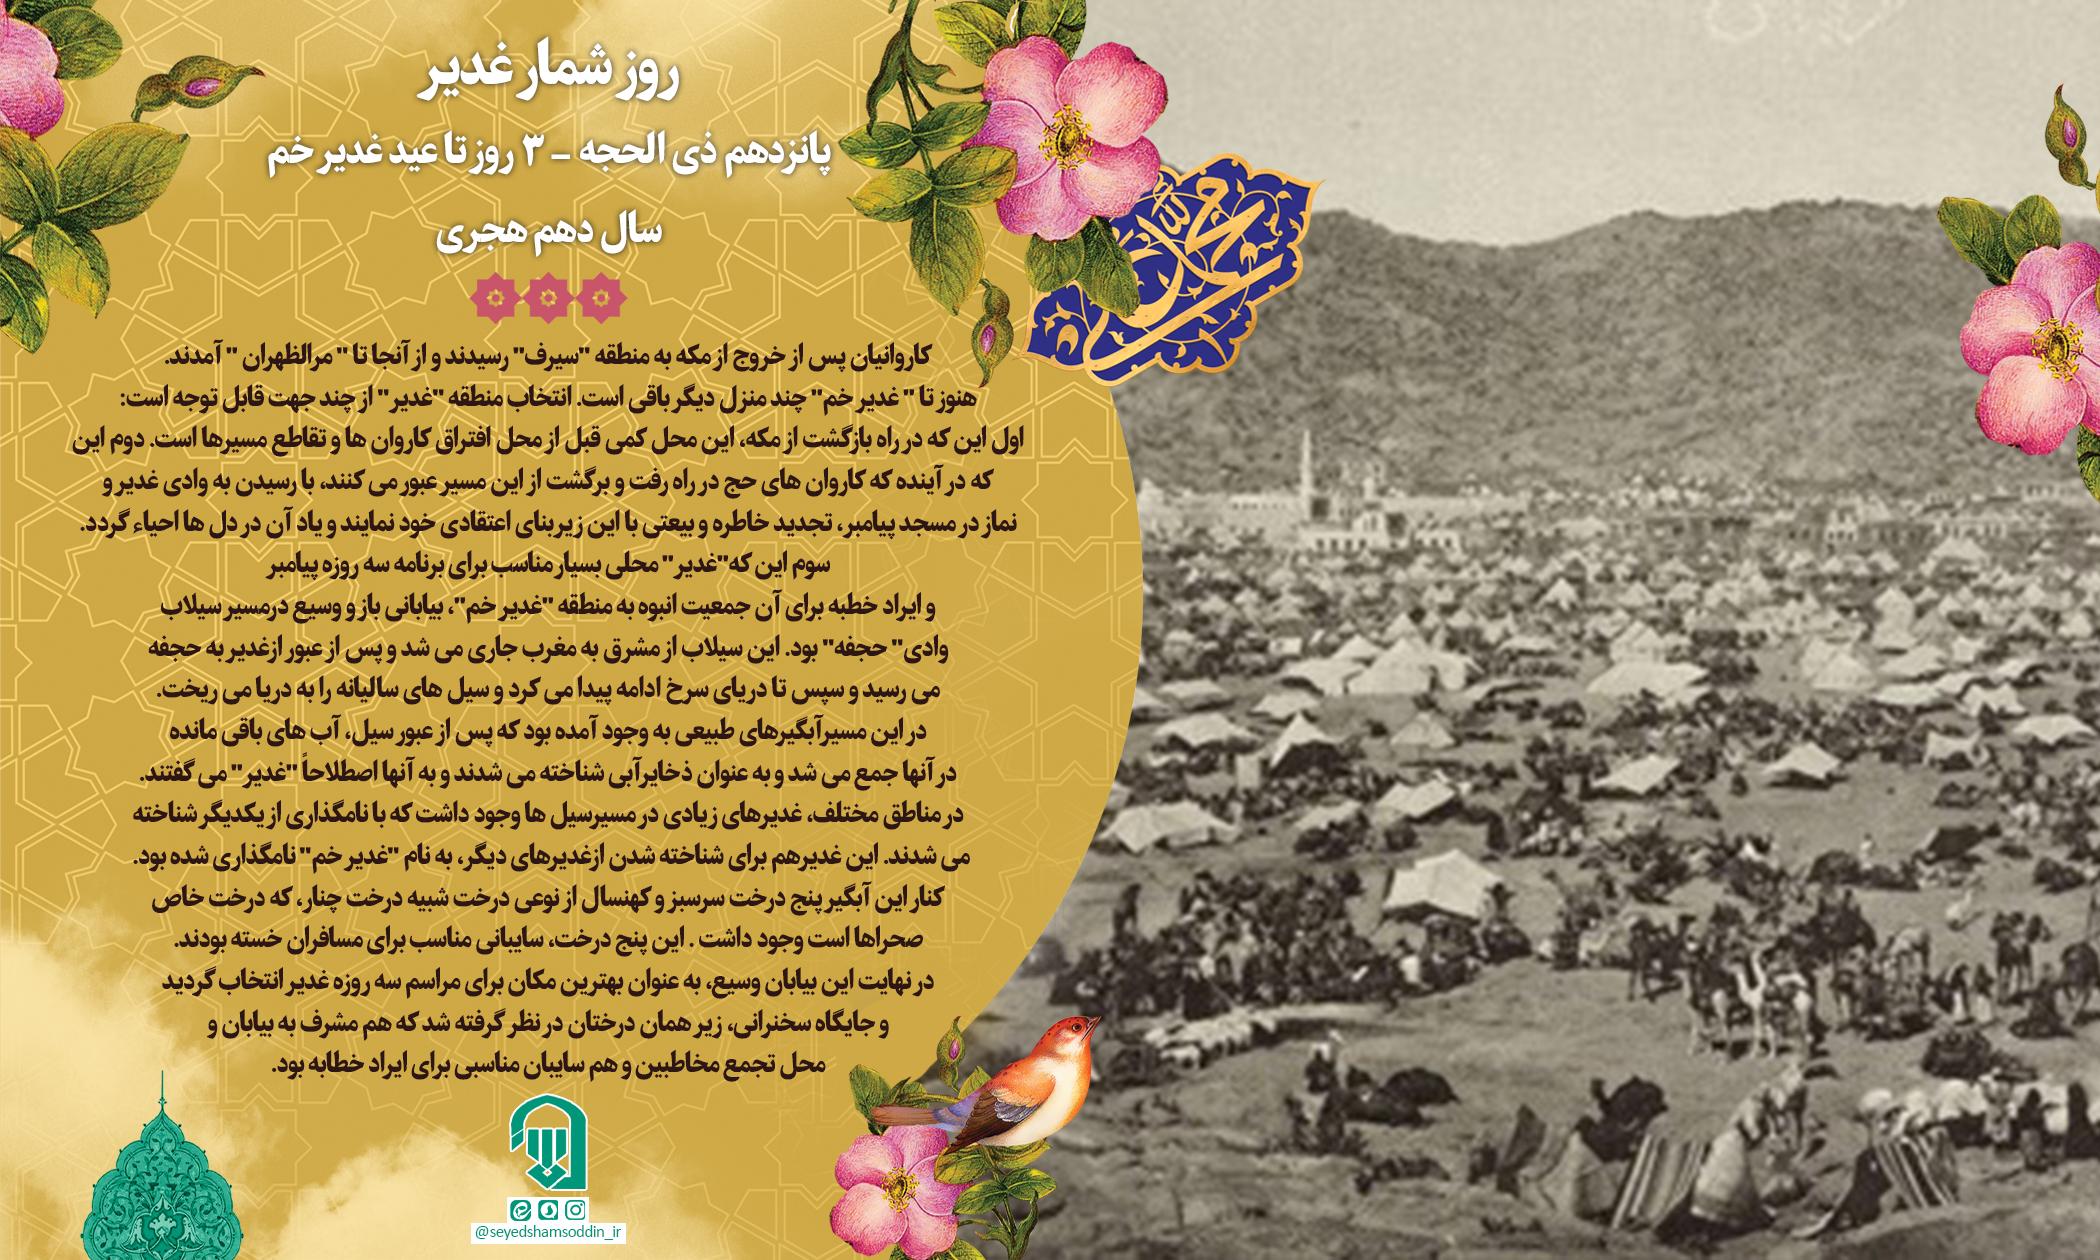 روز شمار غدیر/ پانزدهم ذی الحجه سال دهم هجری